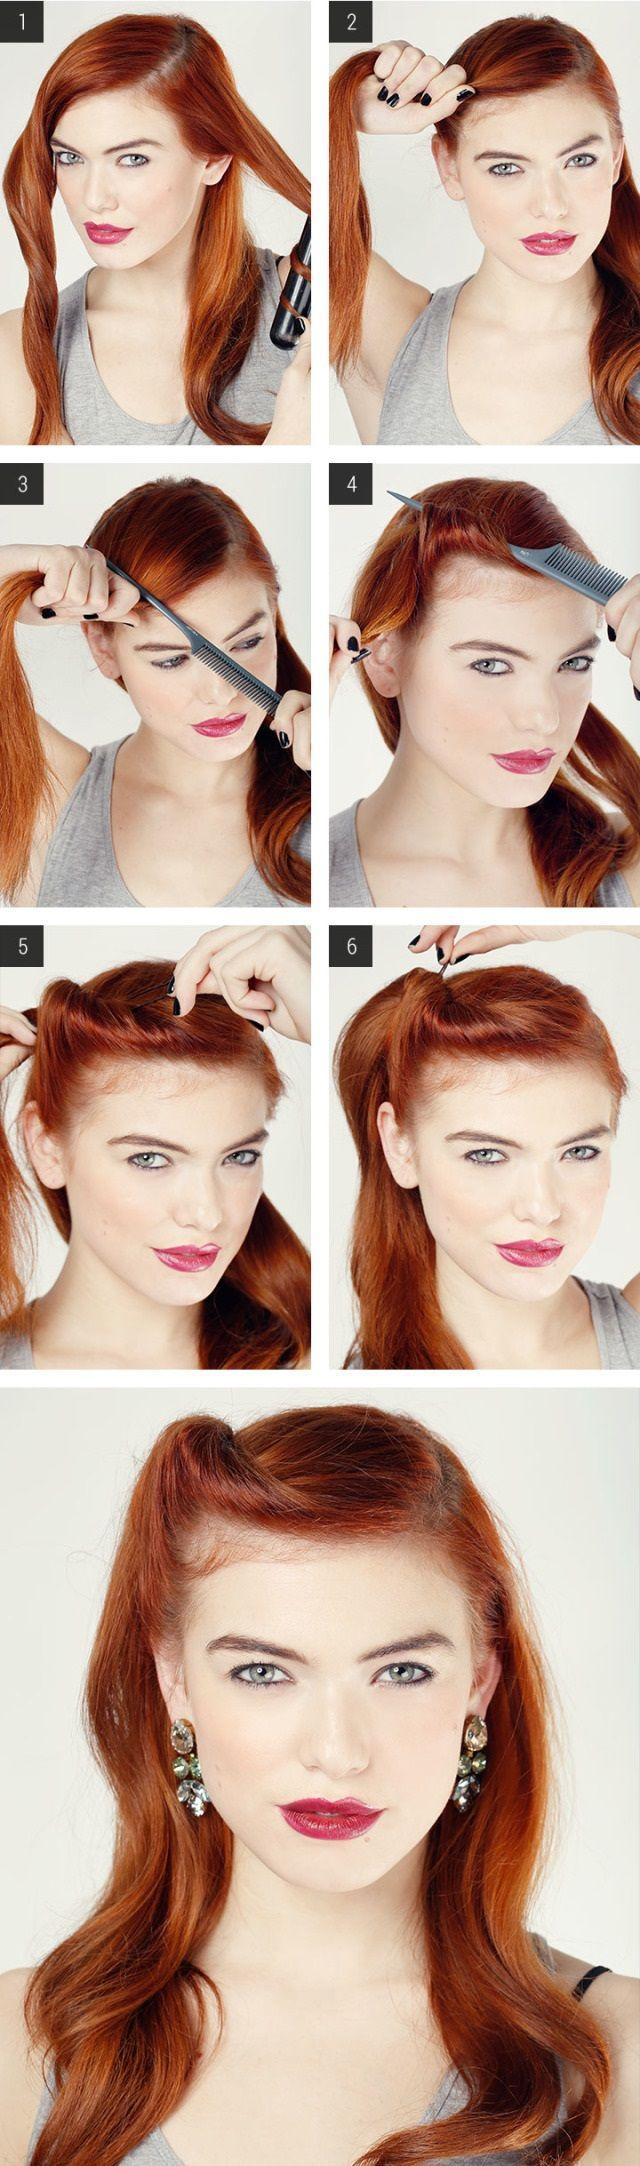 7 easy retro hair tutorials from pinterest | mit haut und